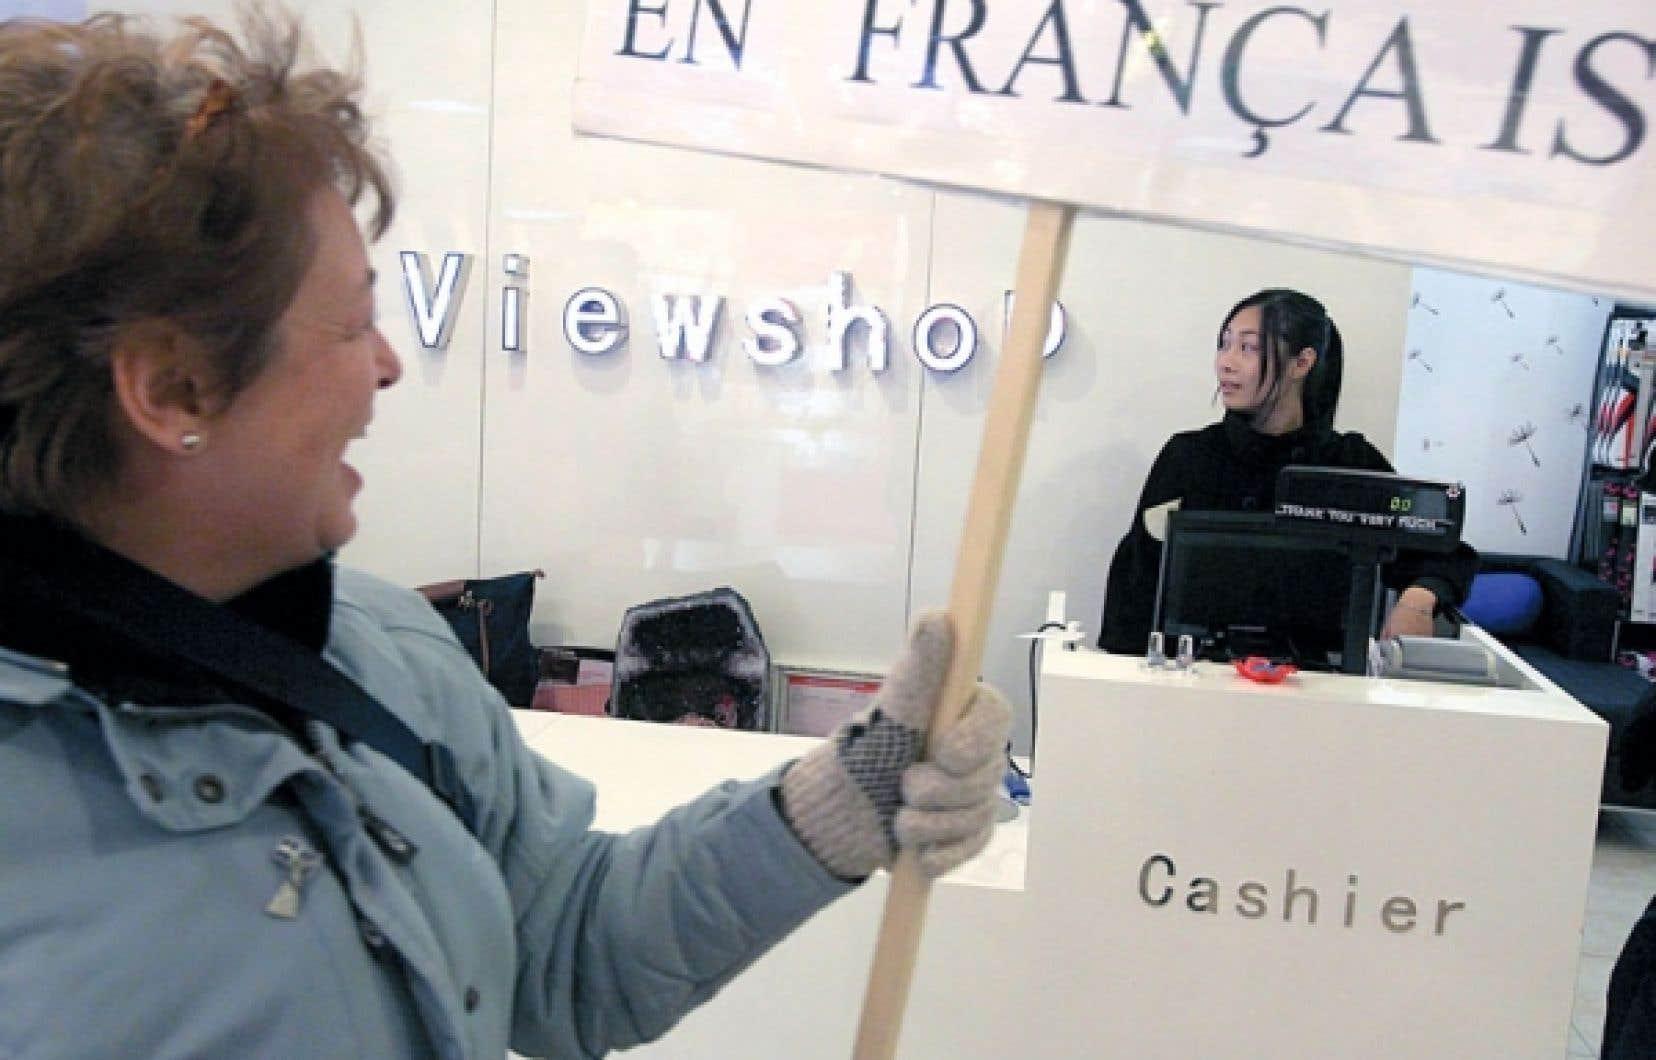 Manifestation pour un service en français dans les commerces de Montréal. Selon la ministre Diane De Courcy, Montréal et sa banlieue sont retombés « sur la pente de l'anglicisation » et il y existe un « déséquilibre linguistique ».